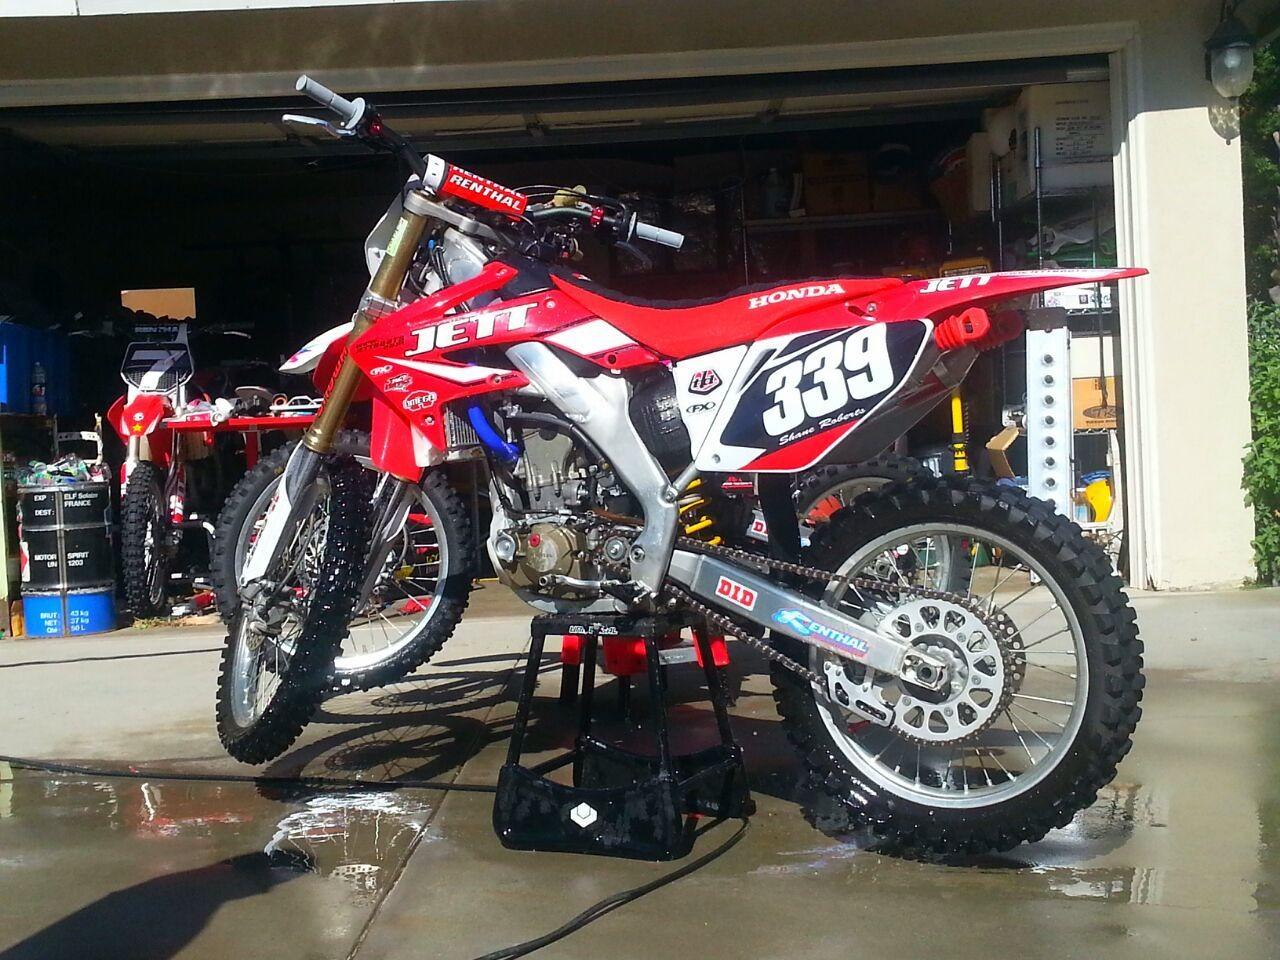 shane's bike